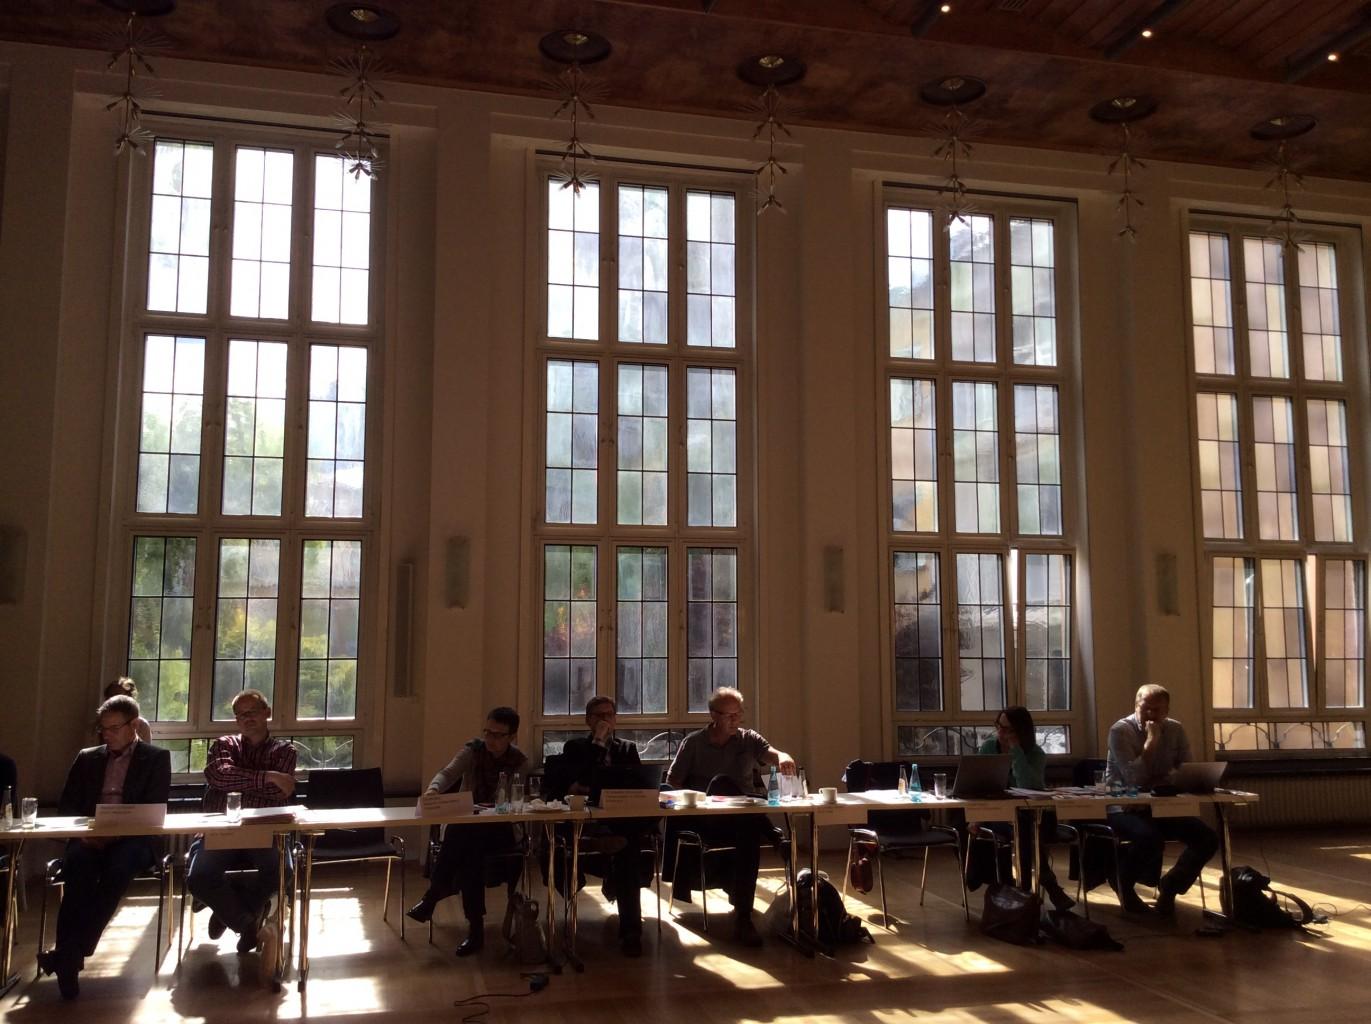 Vernetzung und Austausch: Darum geht es bei der Digital-Werkstatt im Frankfurter Spenerhaus.